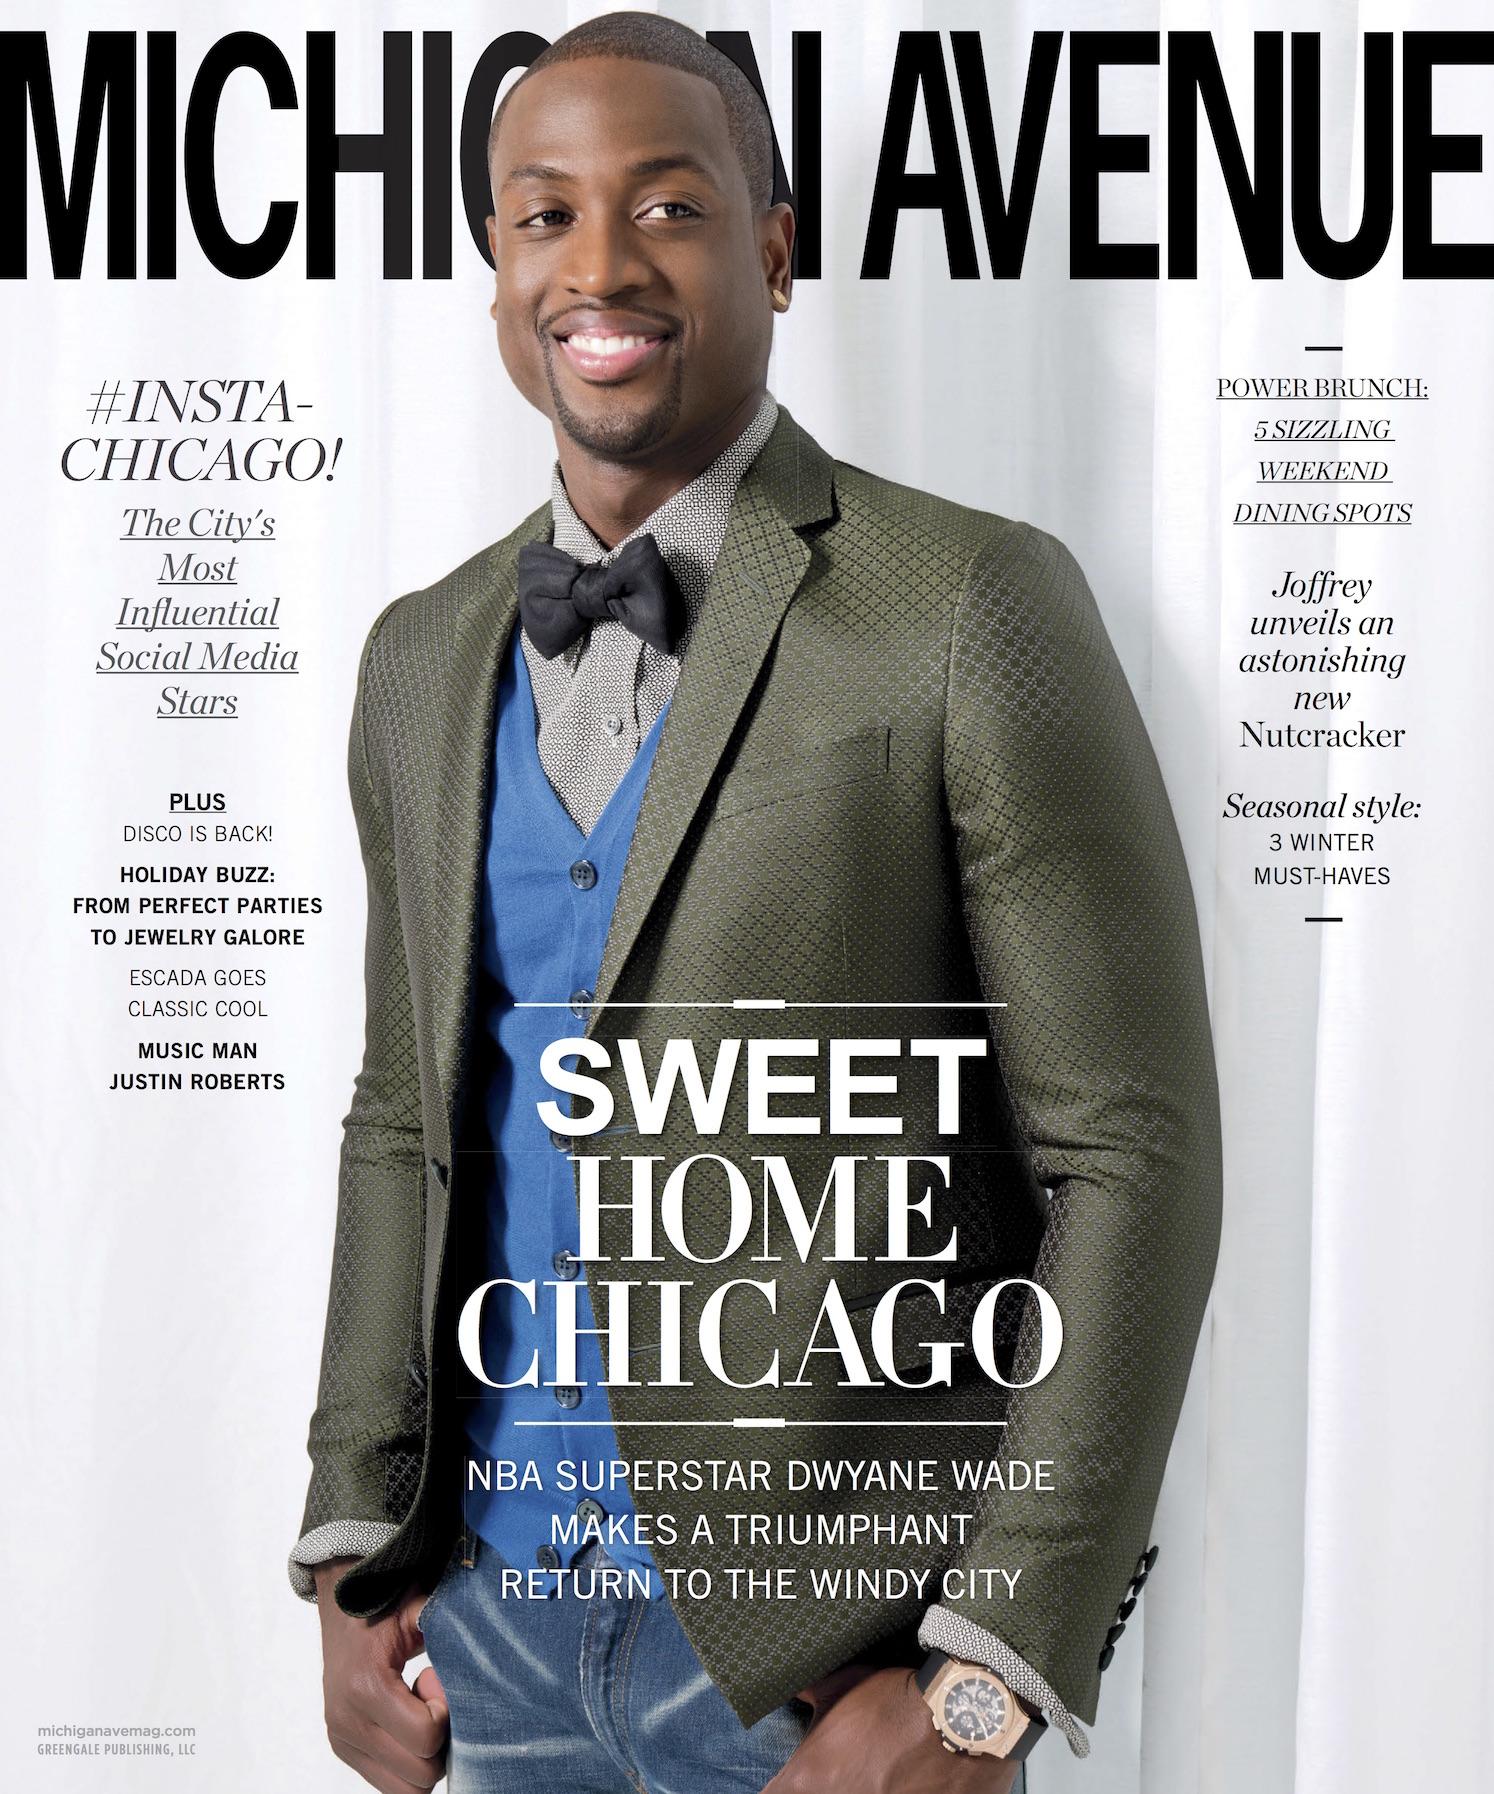 michigan-avenue-2016-issue-6-winter-p1